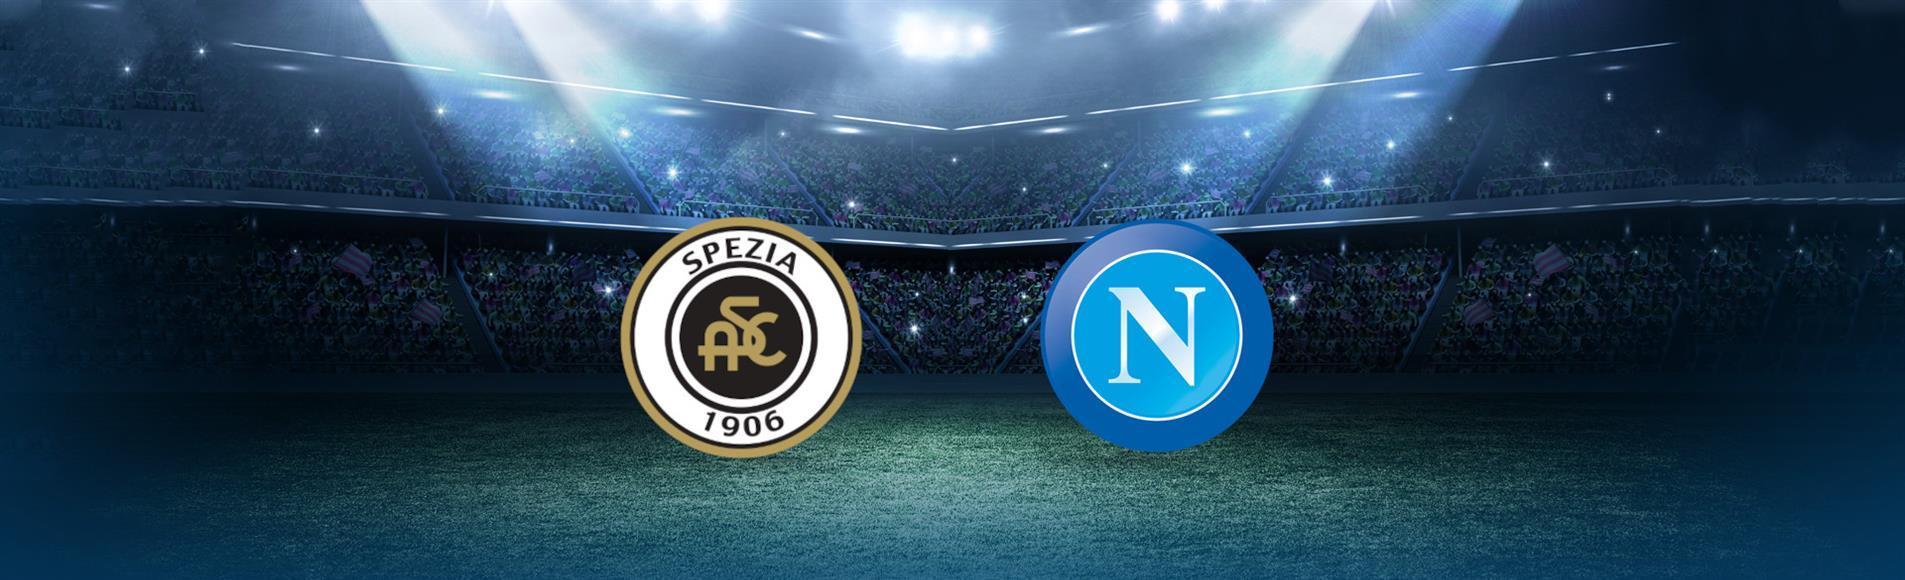 Spezia-Napoli: dove vedere la partita in tv e diretta streaming - NAPOLI CALCIO